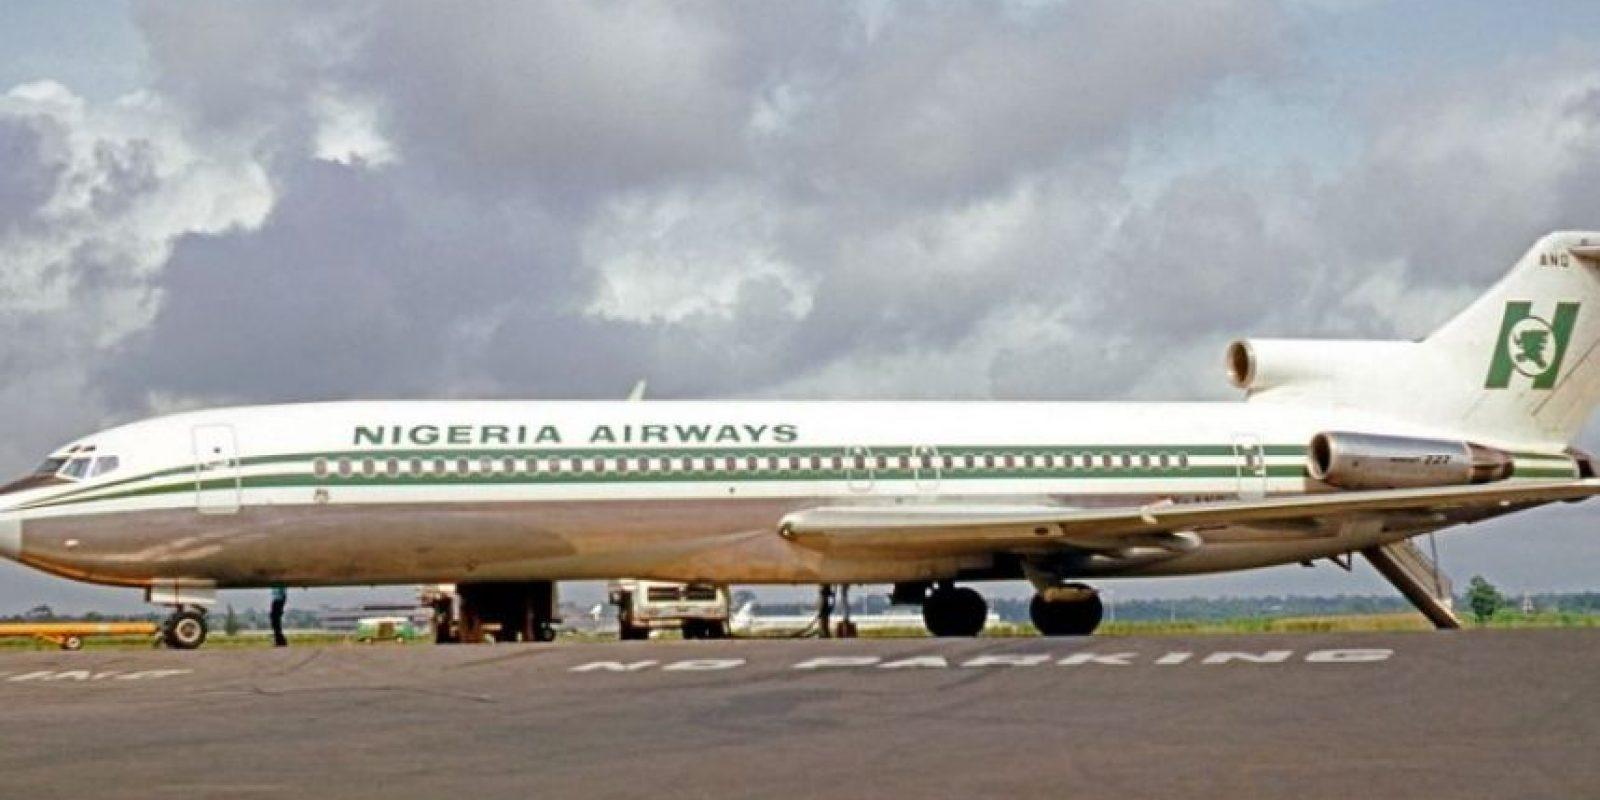 9. Vuelo 2120 de Nigeria Airways – 11 de julio de 1991. Murieron 291 personas Foto:Wikipedia